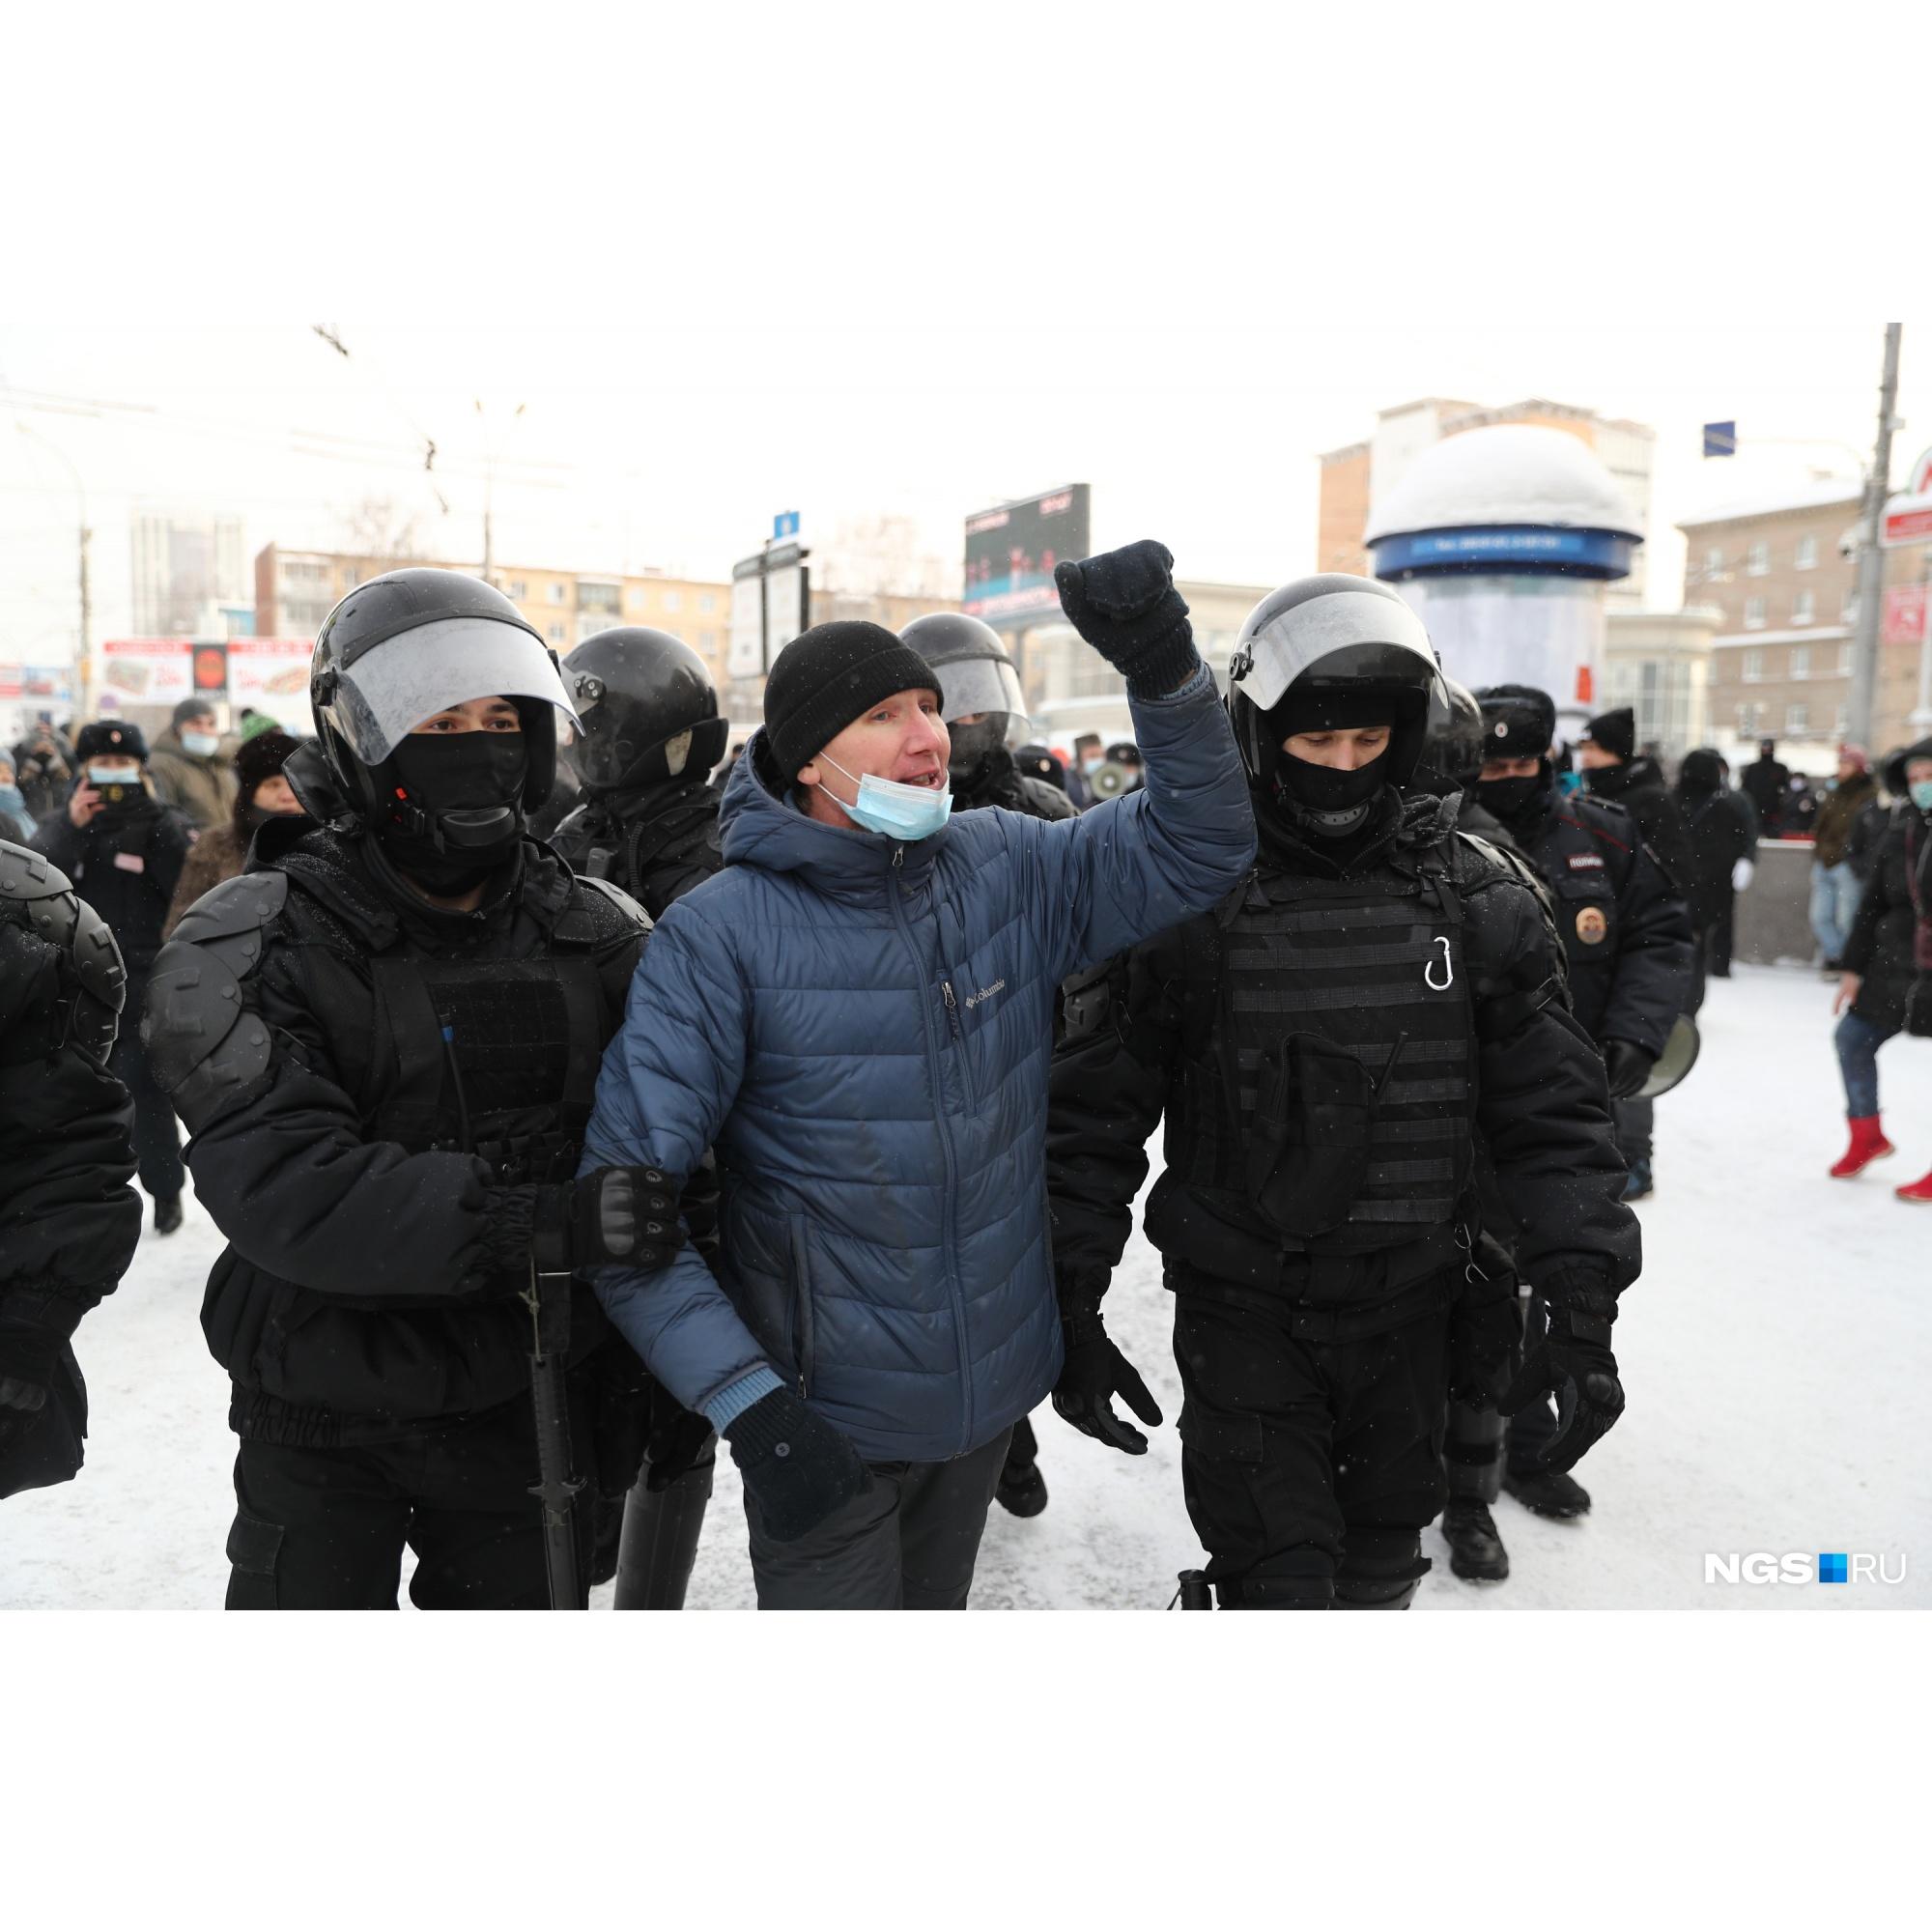 Этого человека задержали в районе метро «Красный проспект». За что именно — неизвестно